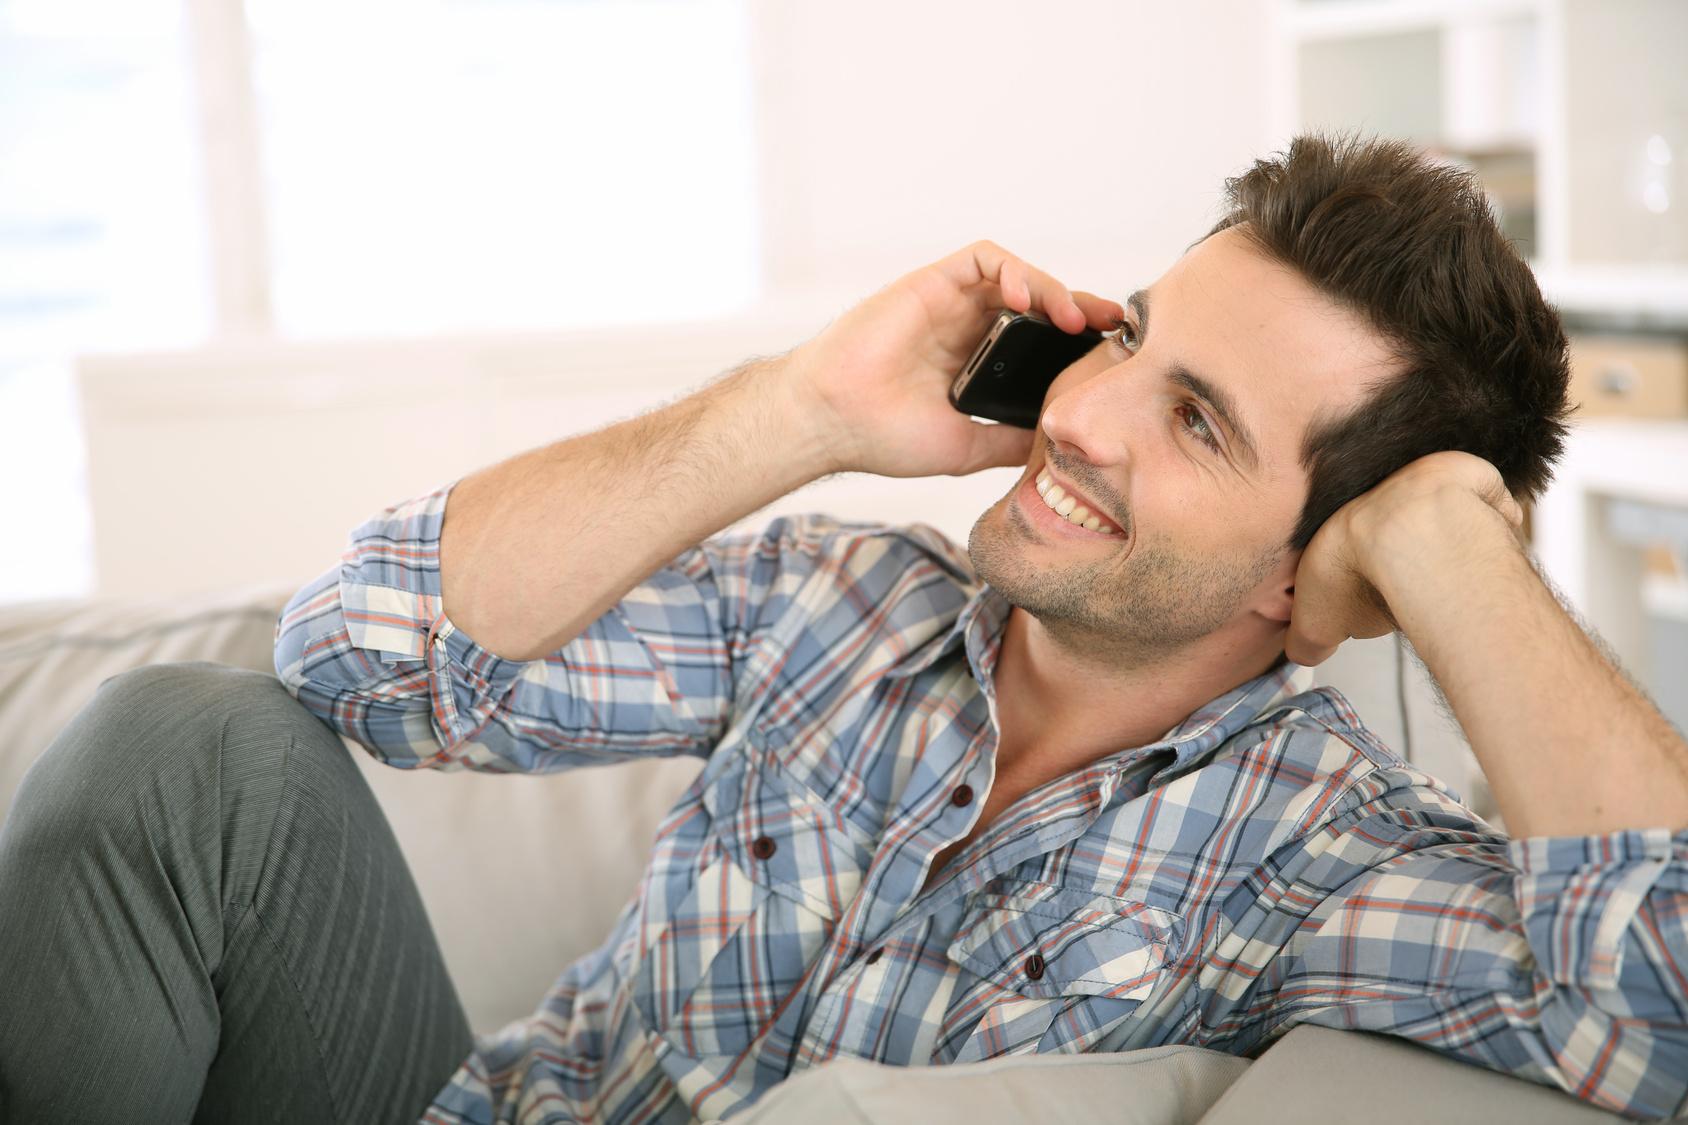 صور كيف تجعل الفتاة تحبك عبر الهاتف , طريقه جعل الفتاه تحبك عبر الهاتف